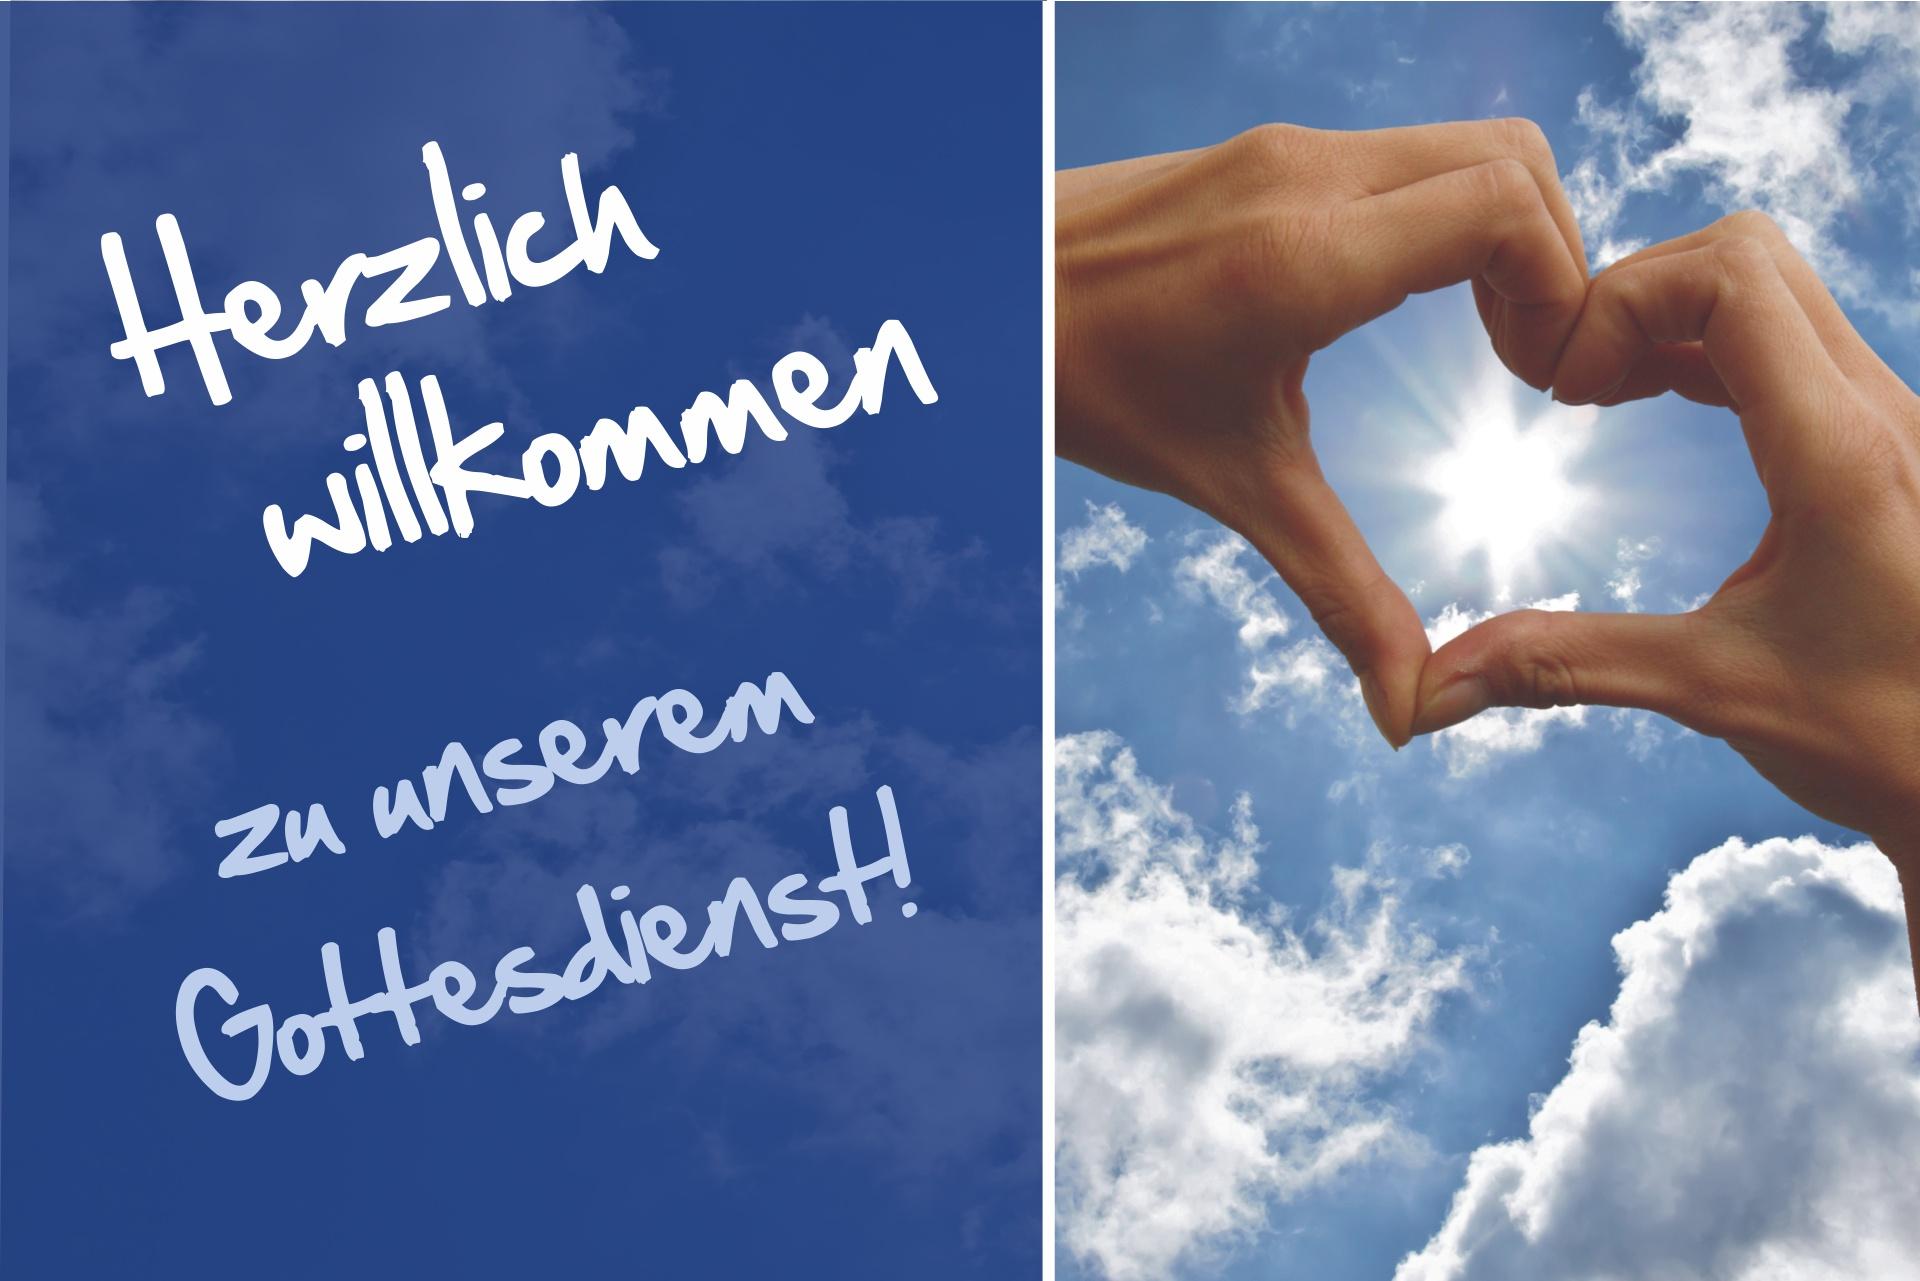 Gottesdienst im C-Punkt jeden Sonntag in Glauchau / Sachsen